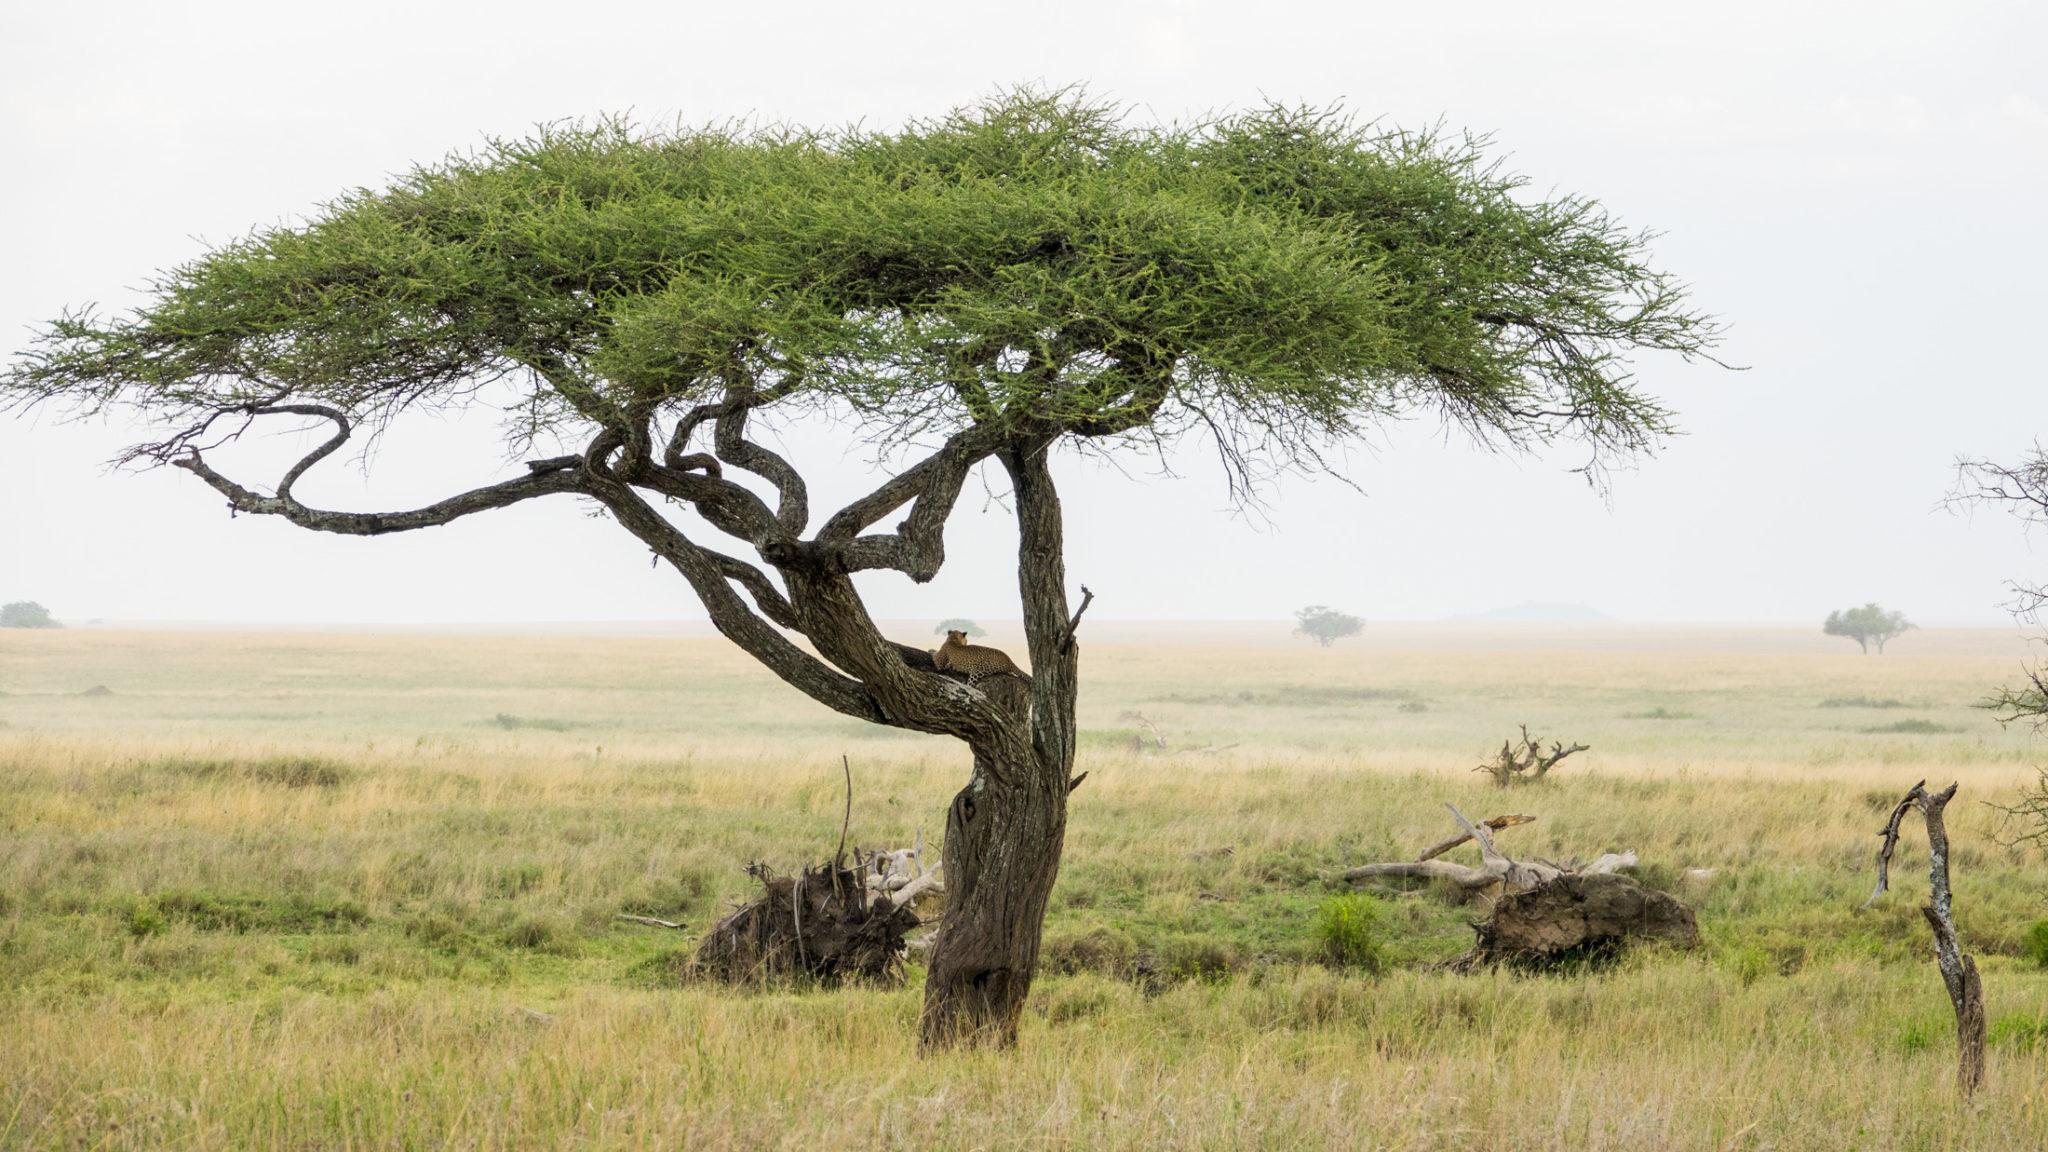 Leopard im Baum, Serengeti